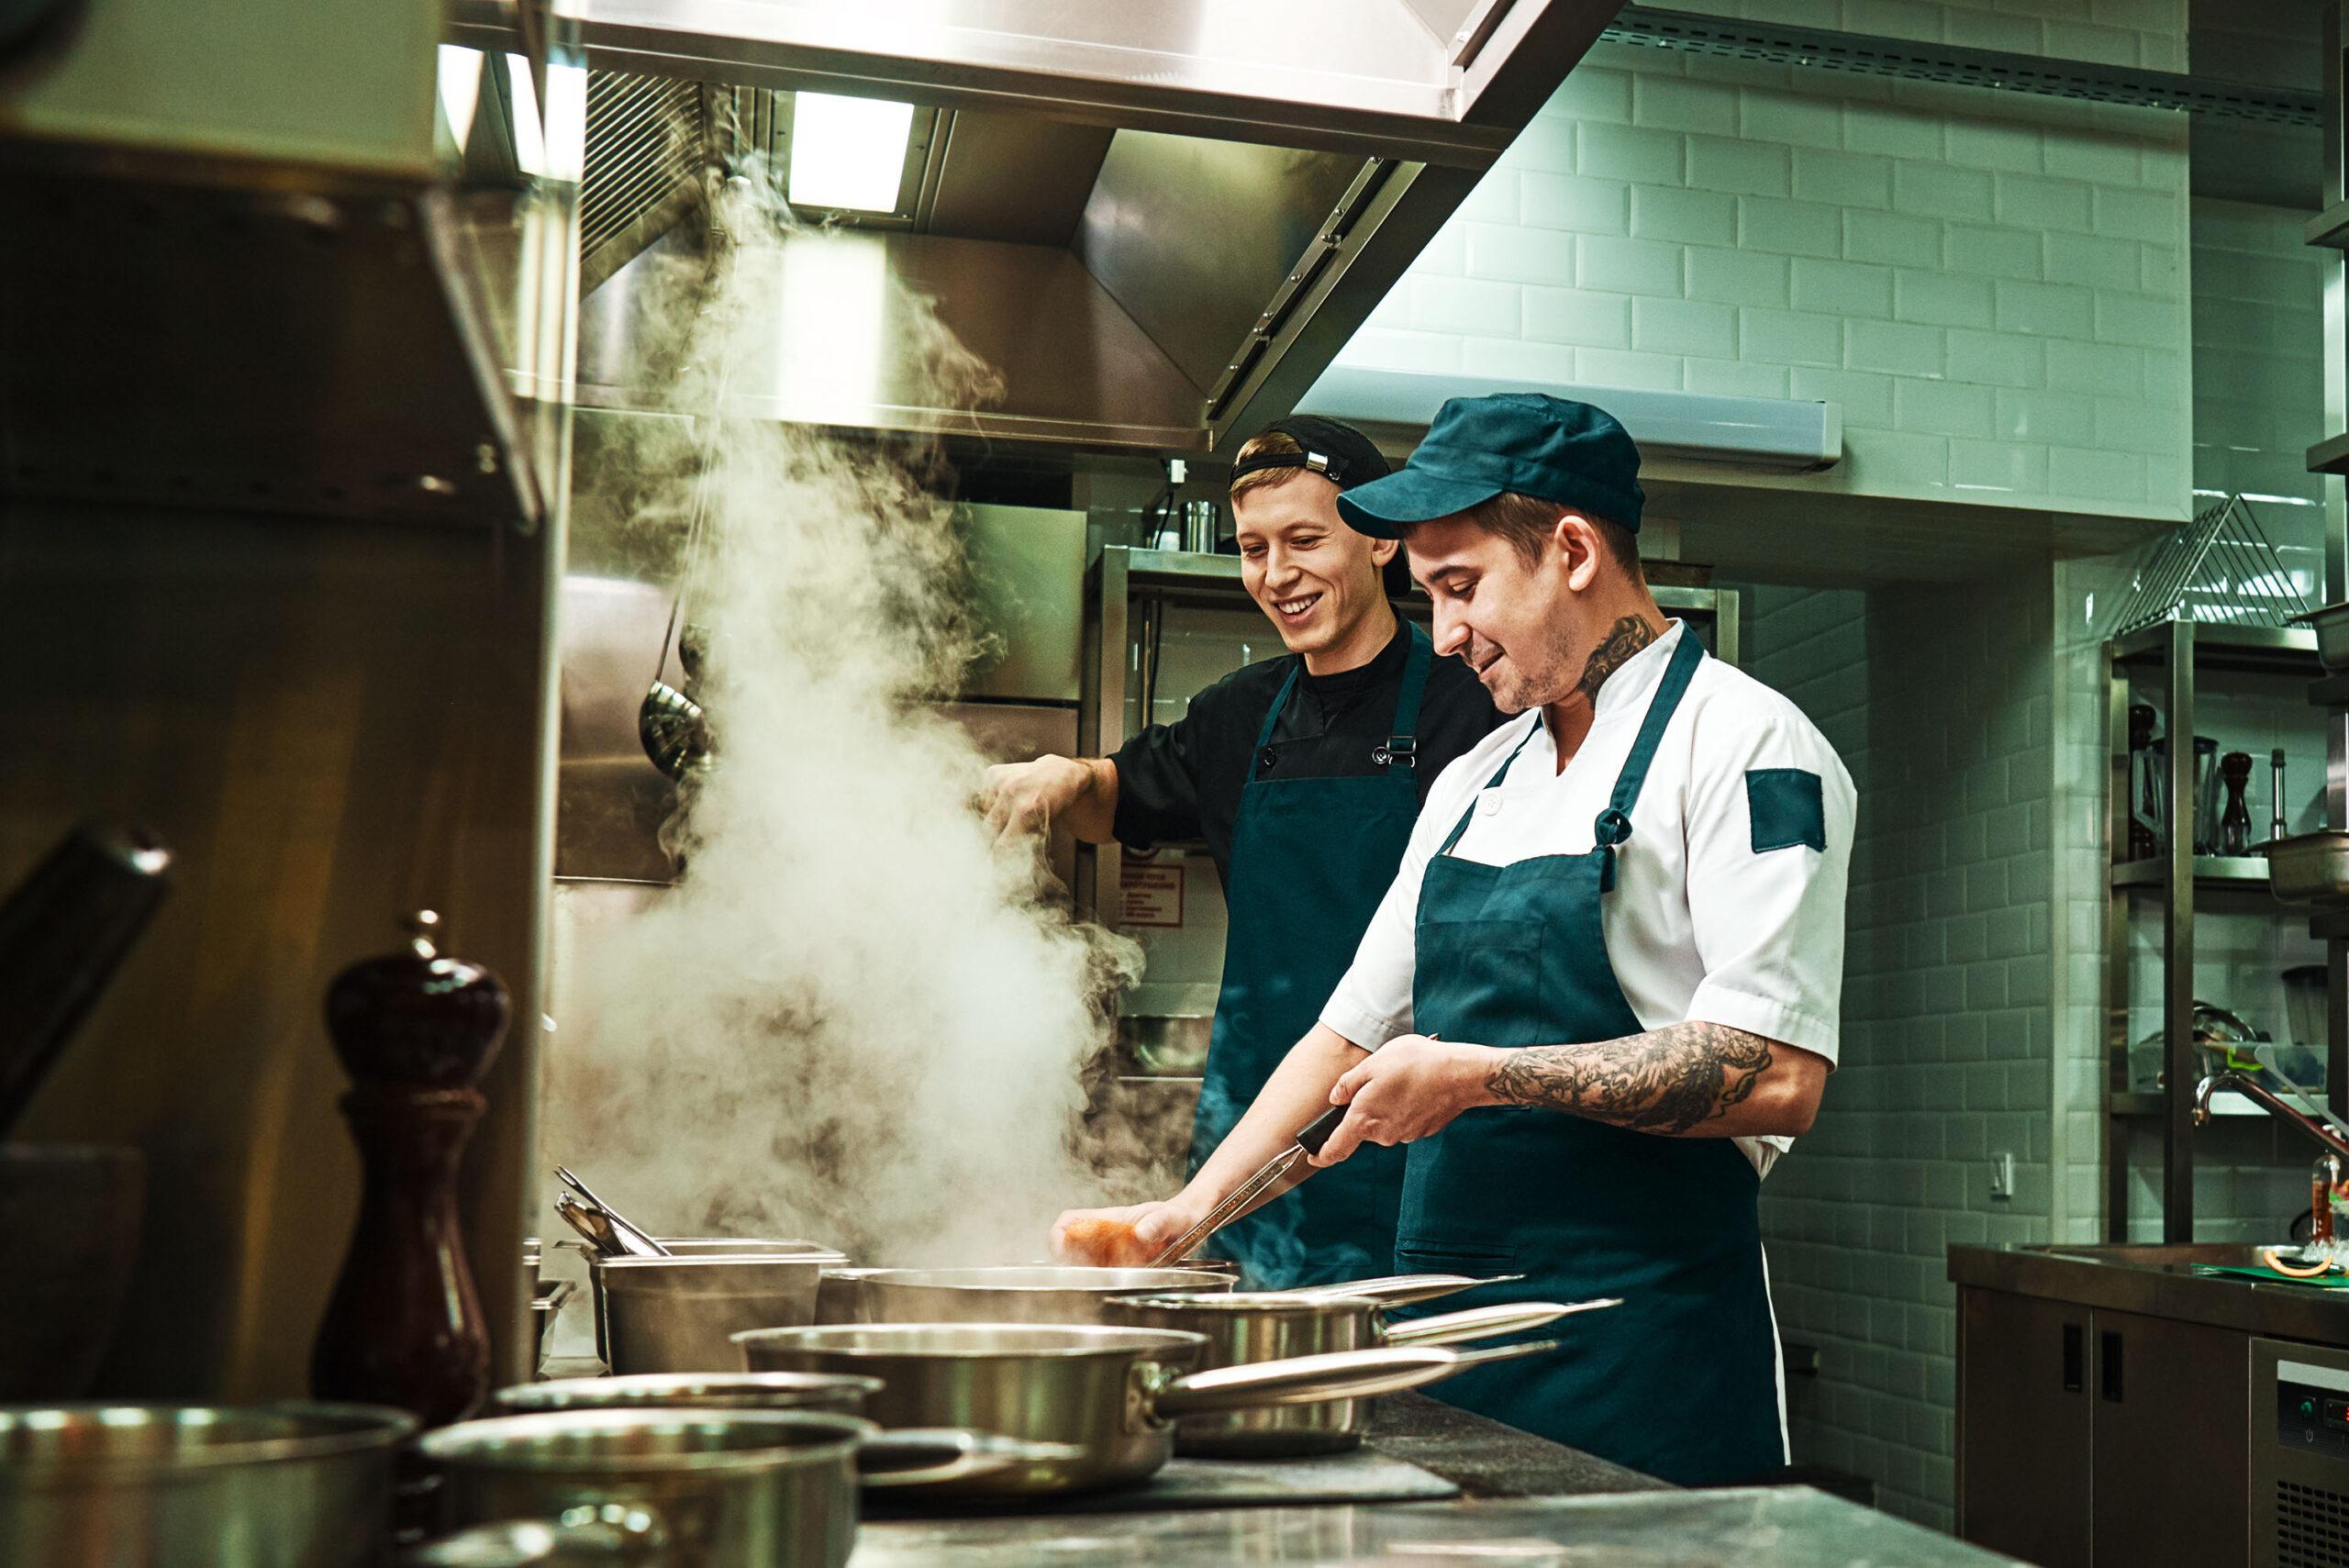 Zwei Köche kochen in der Küche